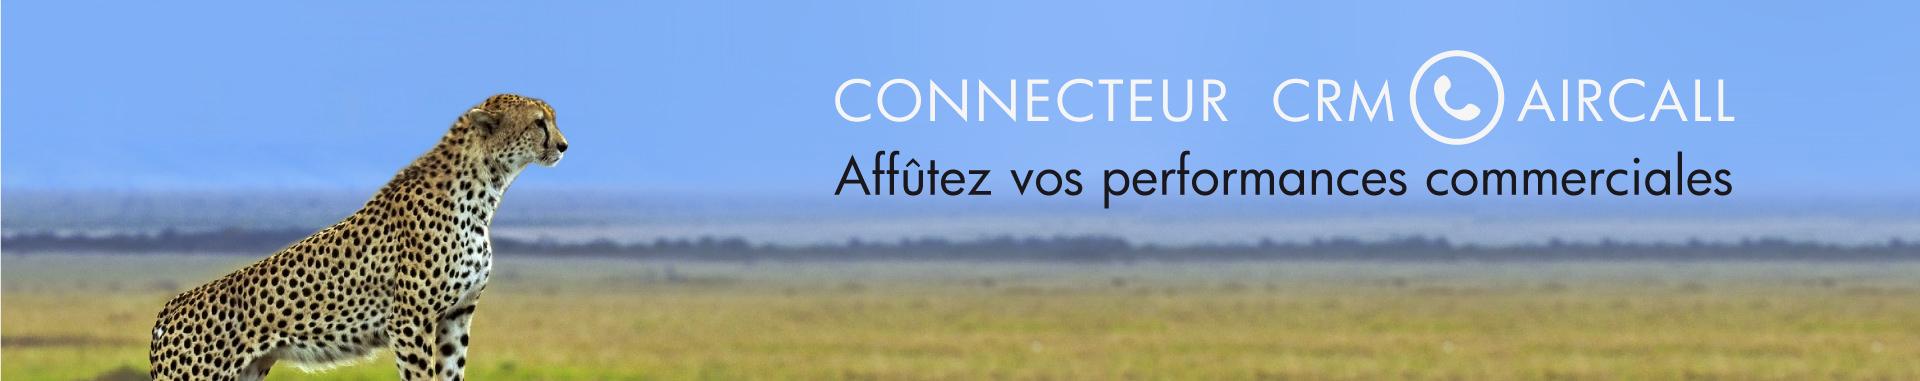 Connecteur CRM et Aircall